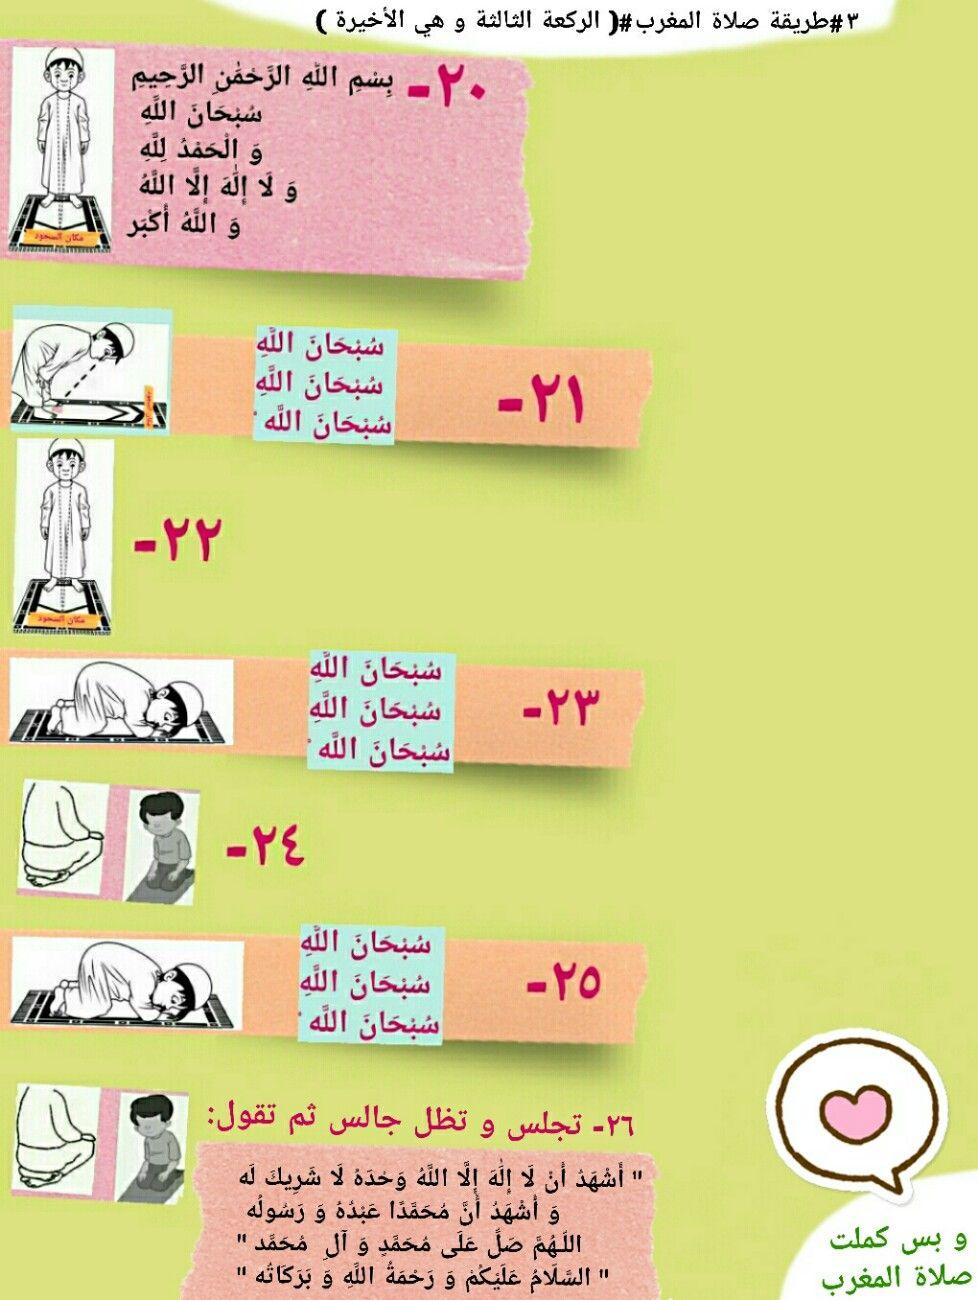 ٣ طريقة صلاة المغرب الركعة الثالثة و هي الركعة الأخيرة Slg